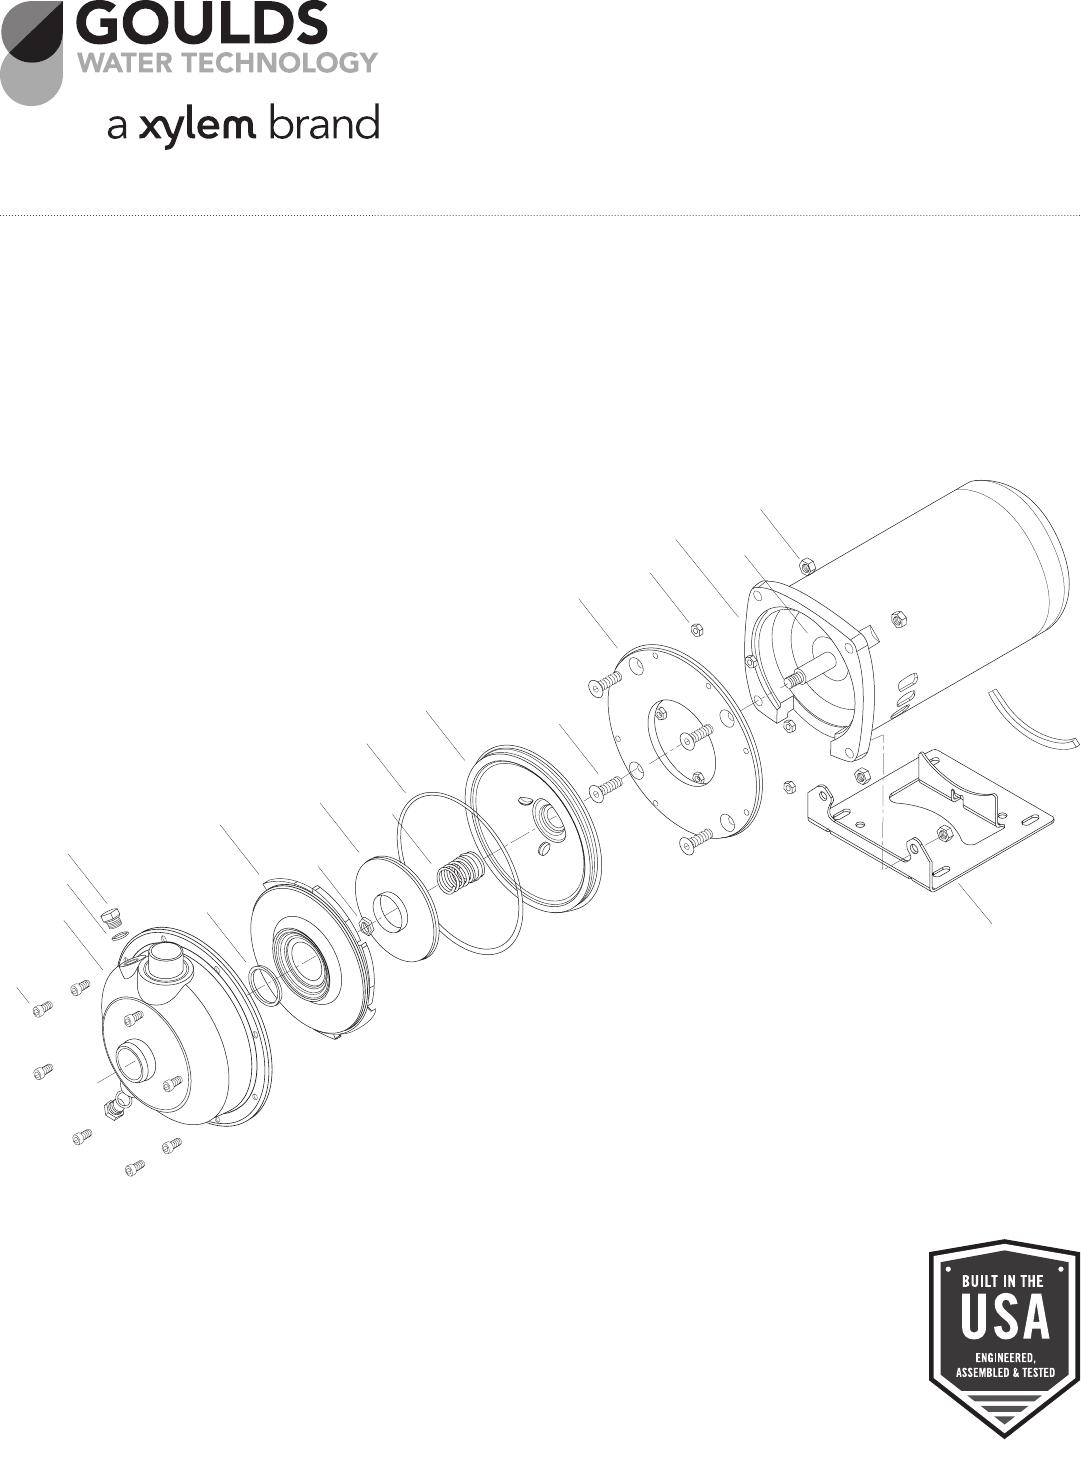 540144 5 Goulds MCC Series Centrifugal Pump Repair Parts